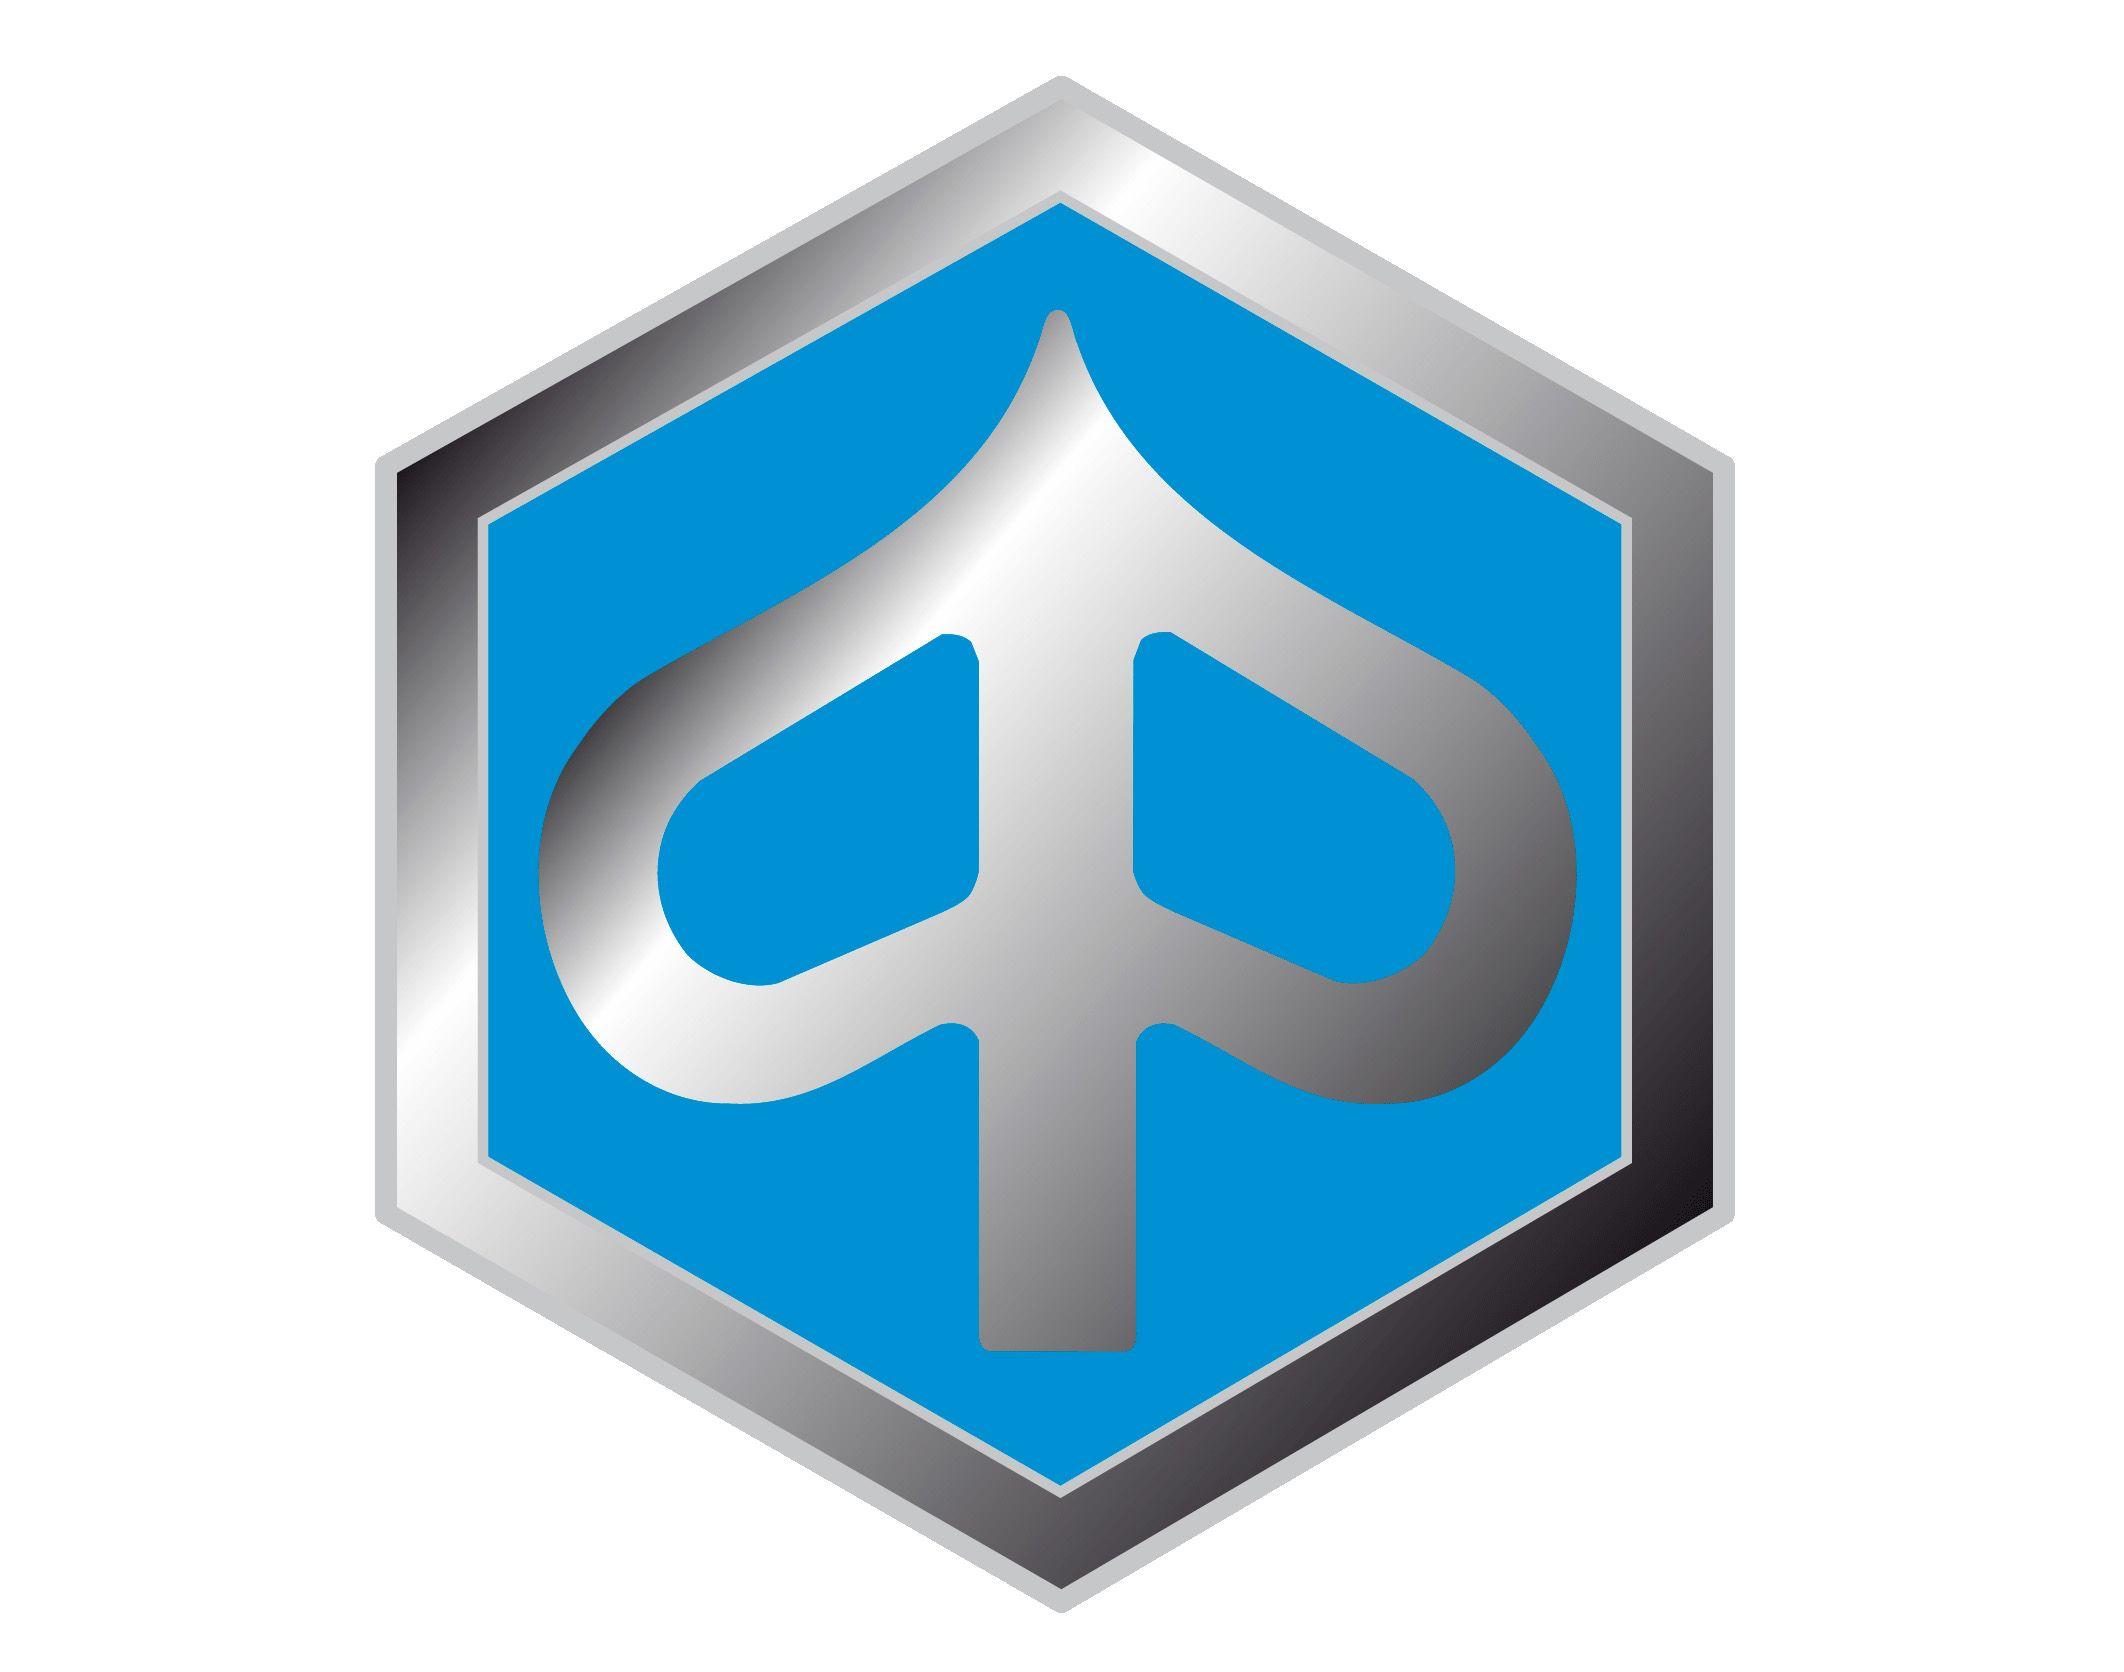 couleur piaggio logo logos automobiles pinterest rh pinterest co uk piaggio logo vector piaggio logo vespa